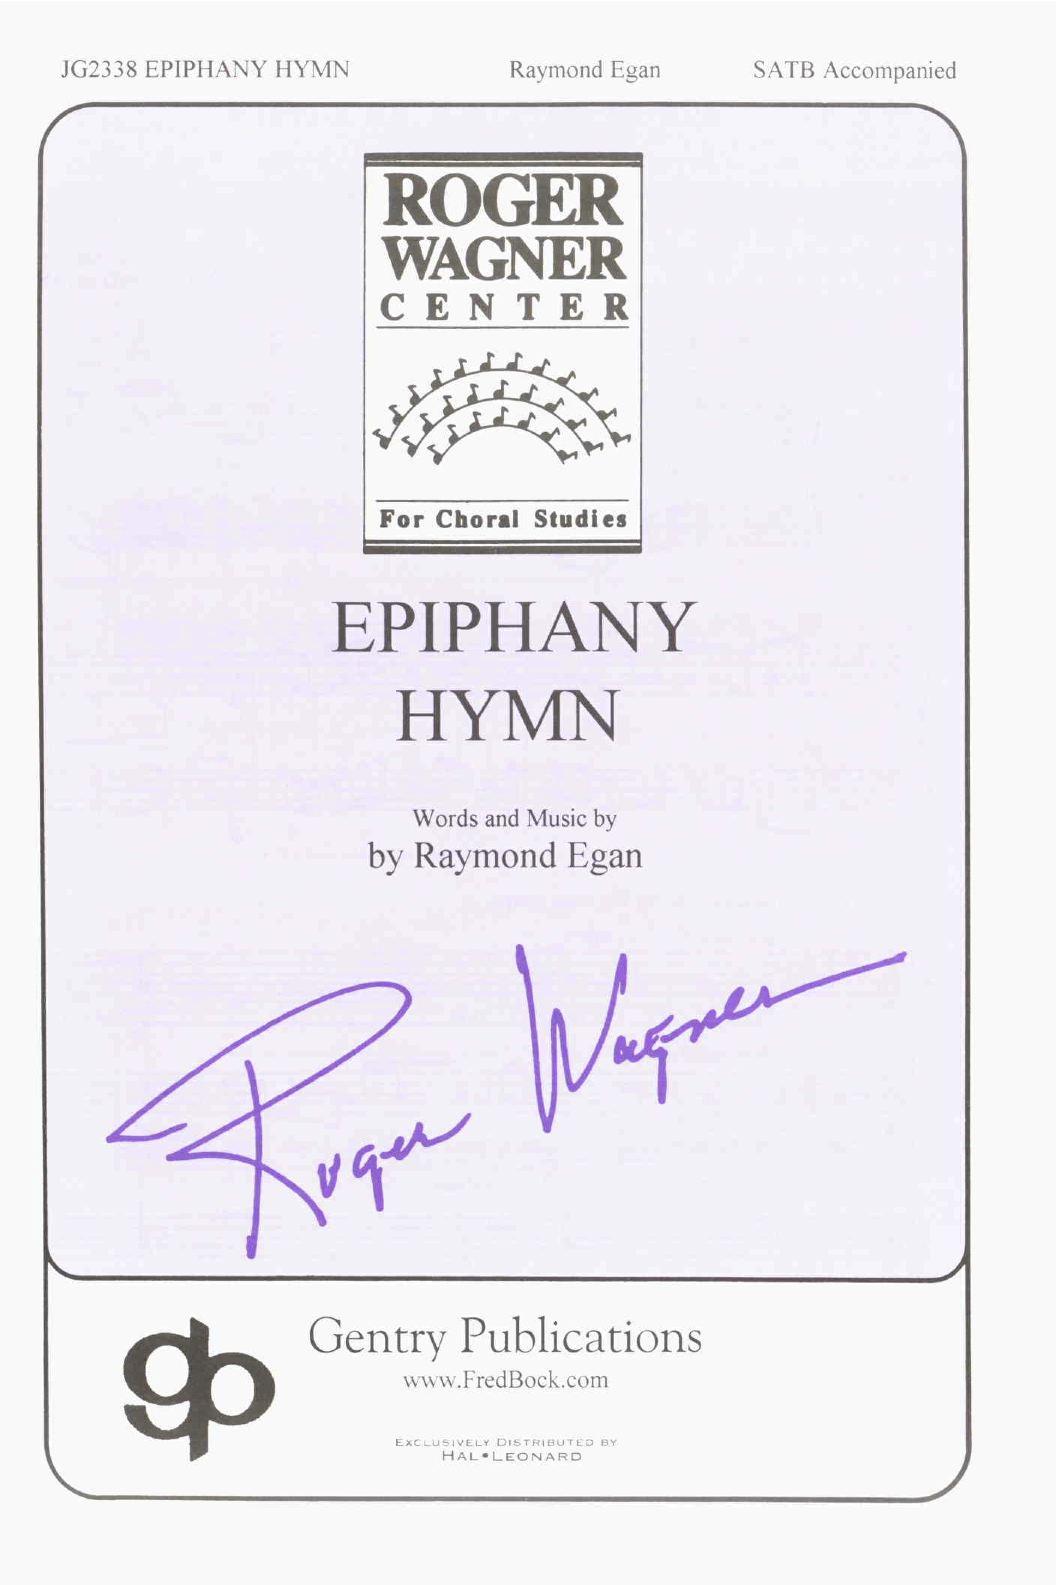 Epiphany Hymn